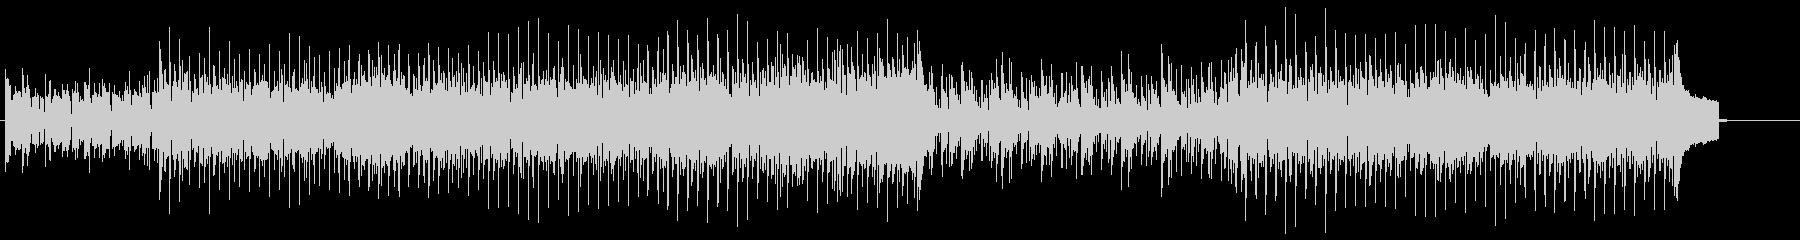 キュートでハウシーなリズムのエレ・ポップの未再生の波形